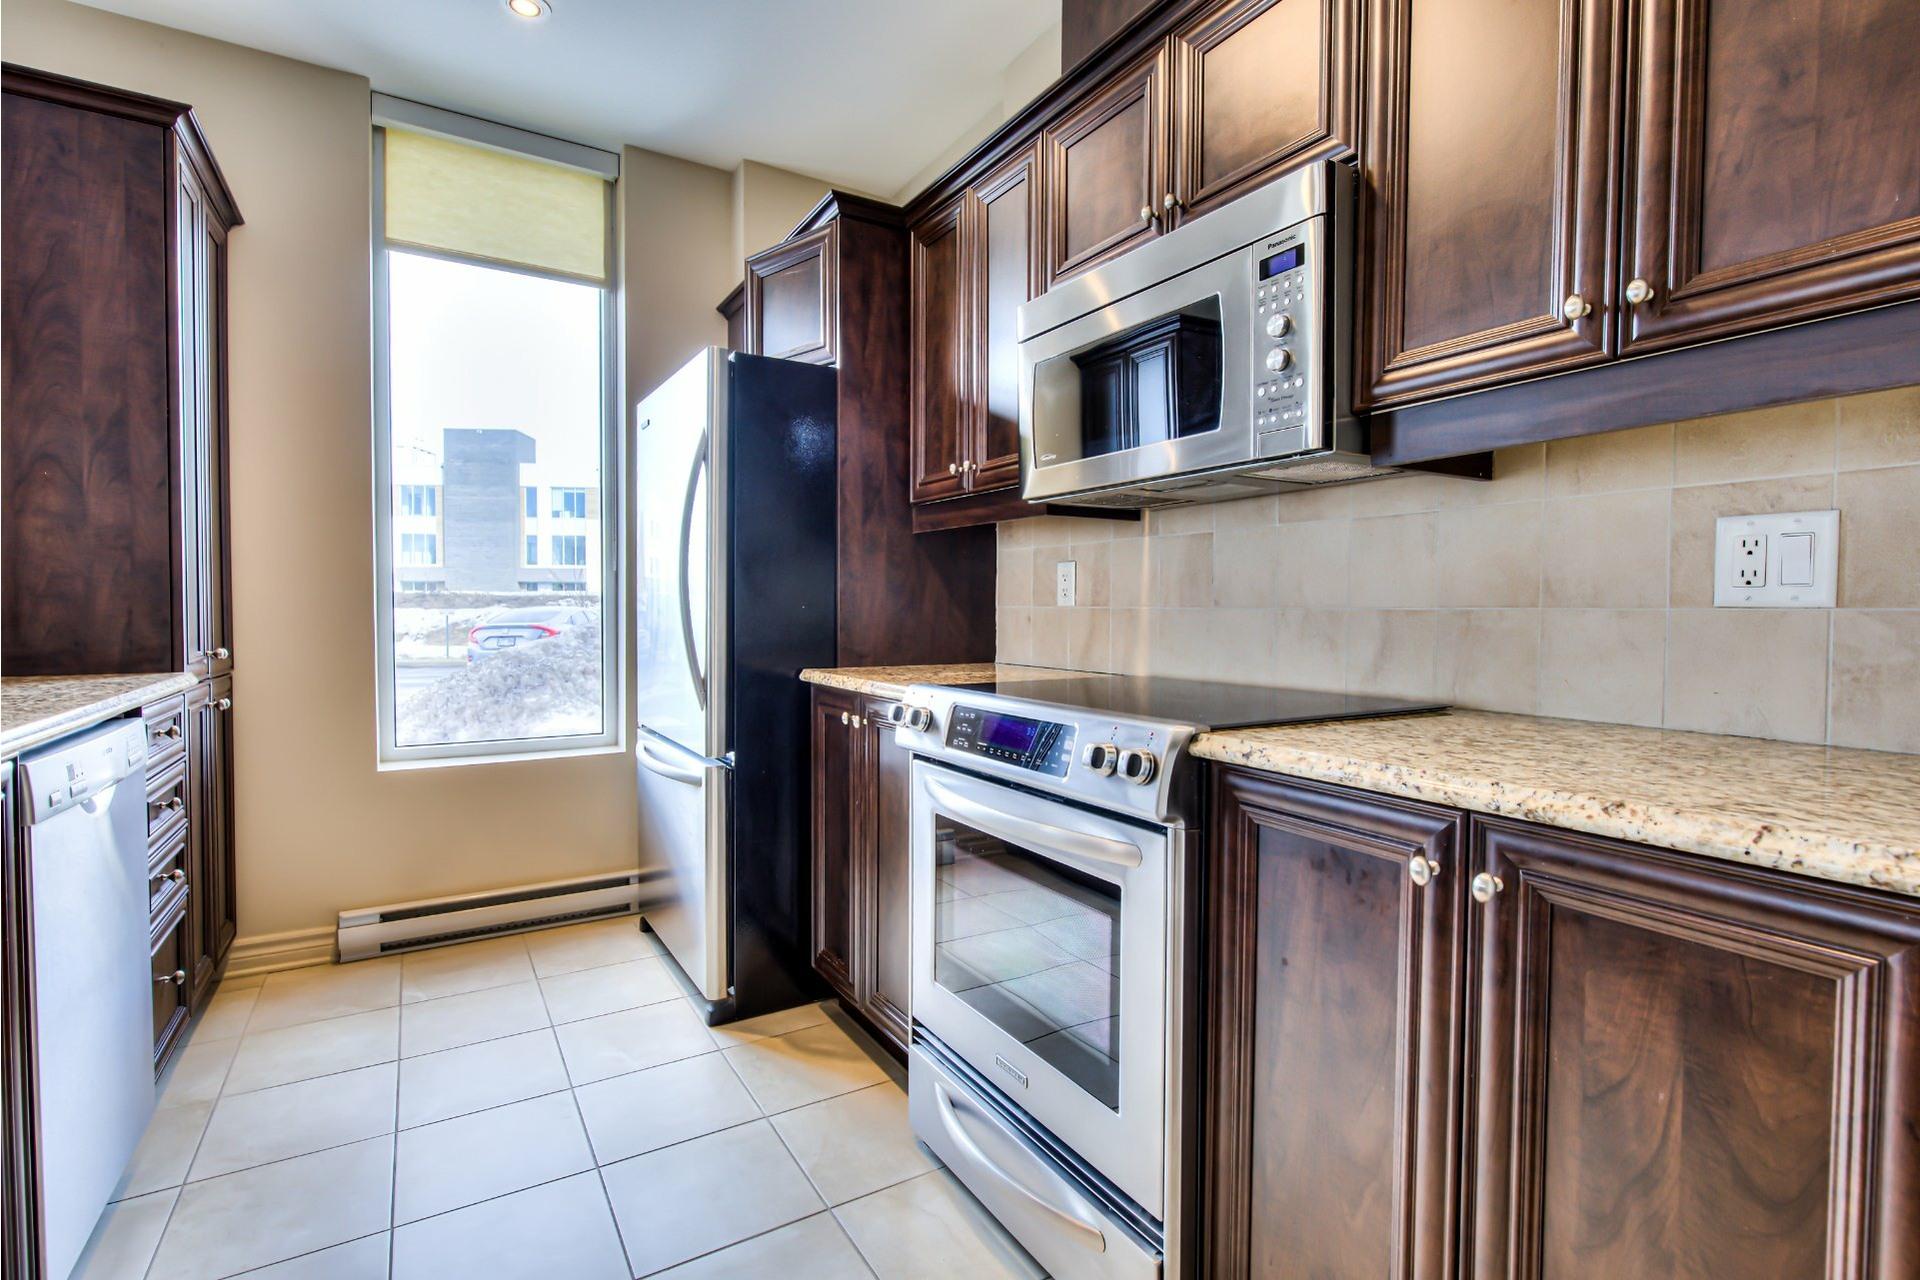 image 7 - Appartement À vendre Vaudreuil-Dorion - 8 pièces